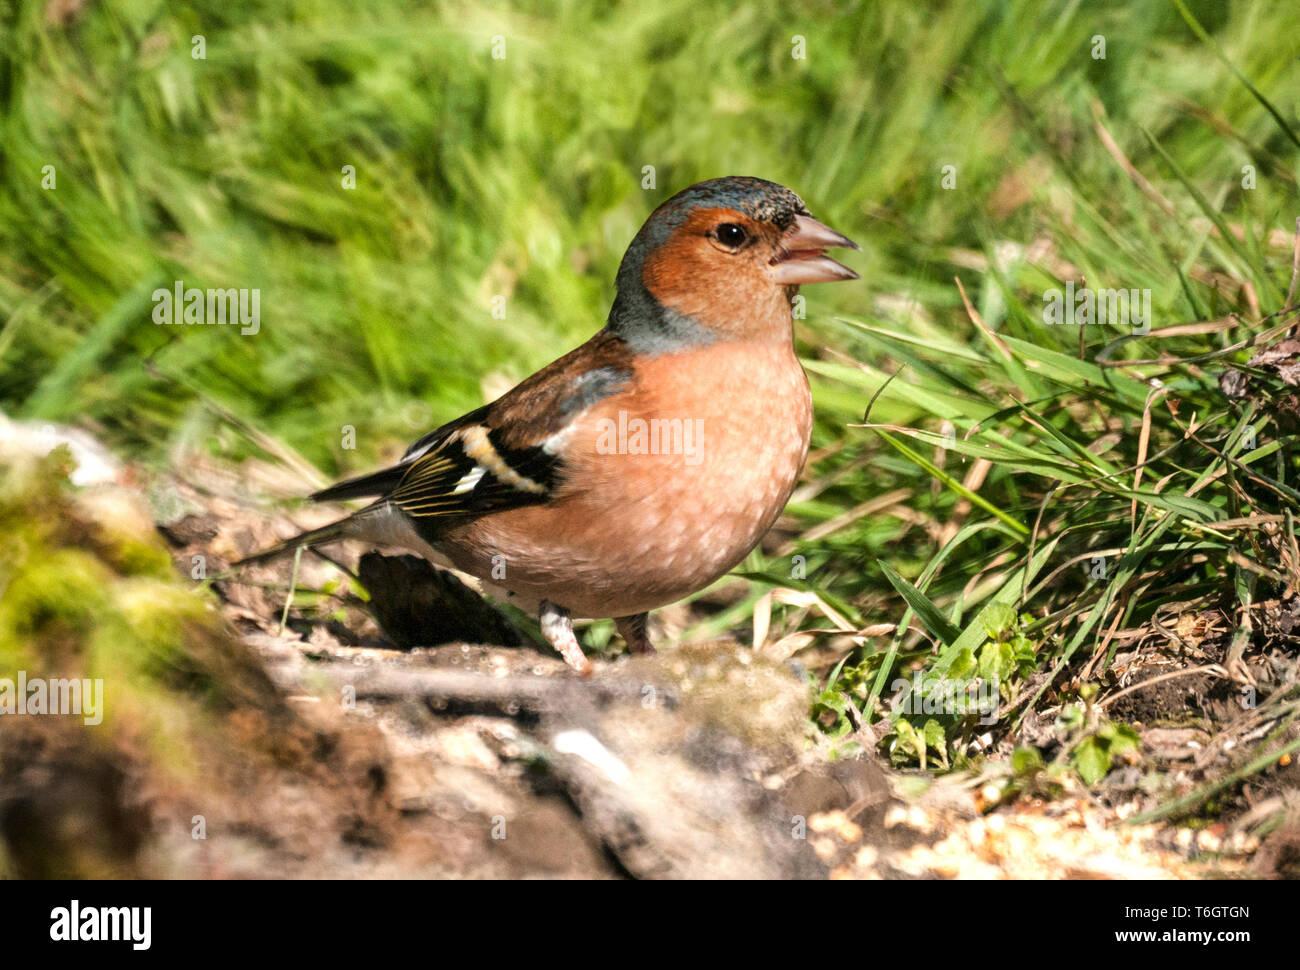 Chaffinch ( Fringilla coelebs) - Stock Image